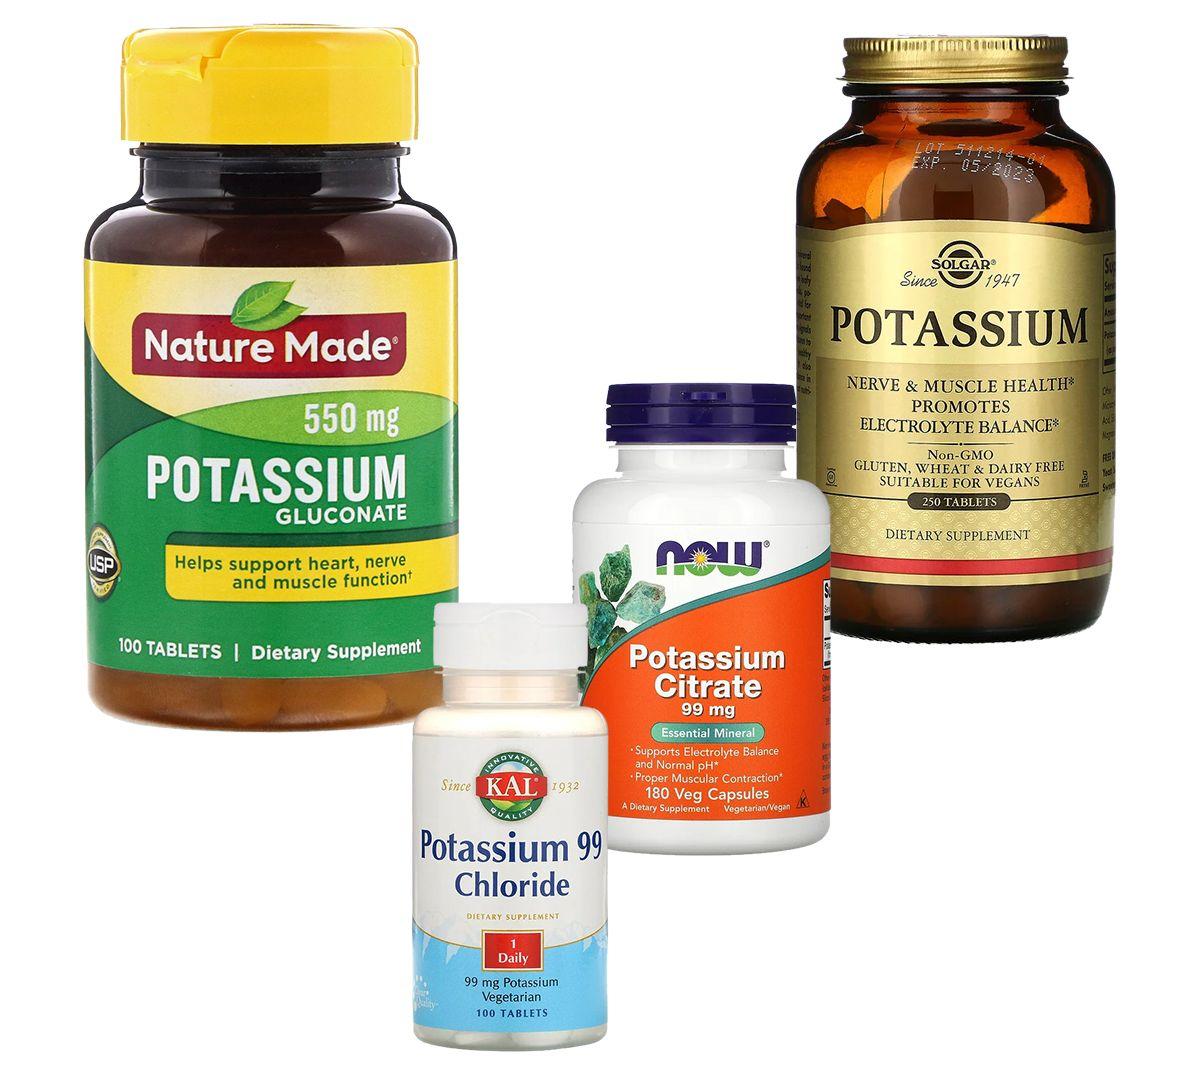 Витамины: Nature Made, калия глюконат; KAL, хлорид калия 99; Now Foods, калий цитрат; Solgar, калий